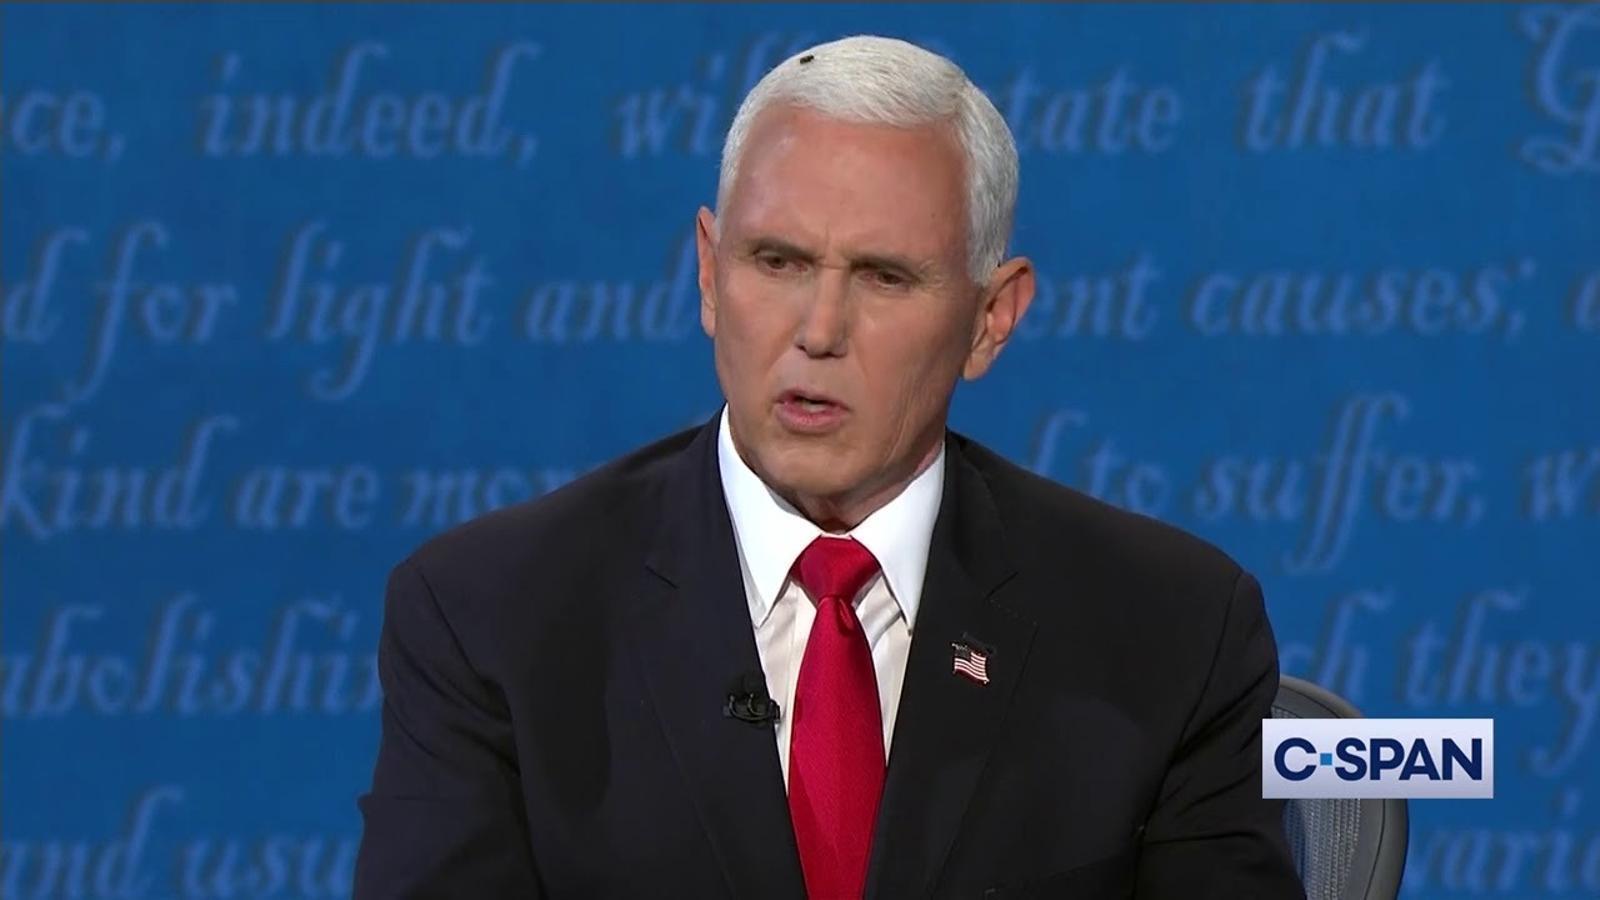 Una mosca sobre elc ap de Mike Pence, en el debat de candidats a la videpresidència dels EUA.